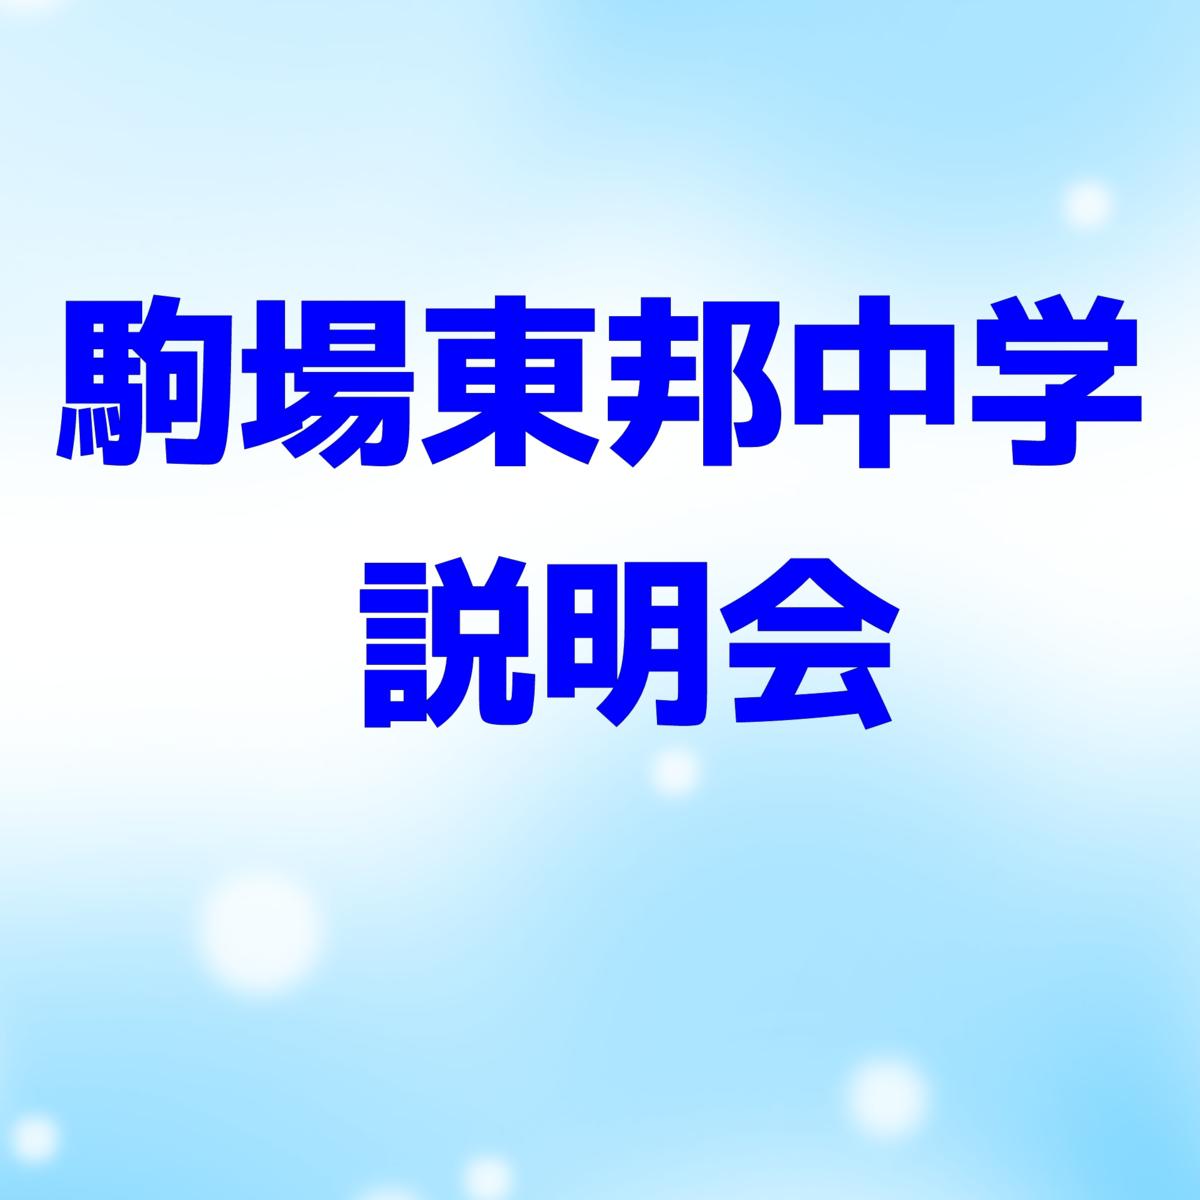 f:id:goodweatherX:20200909093444p:plain